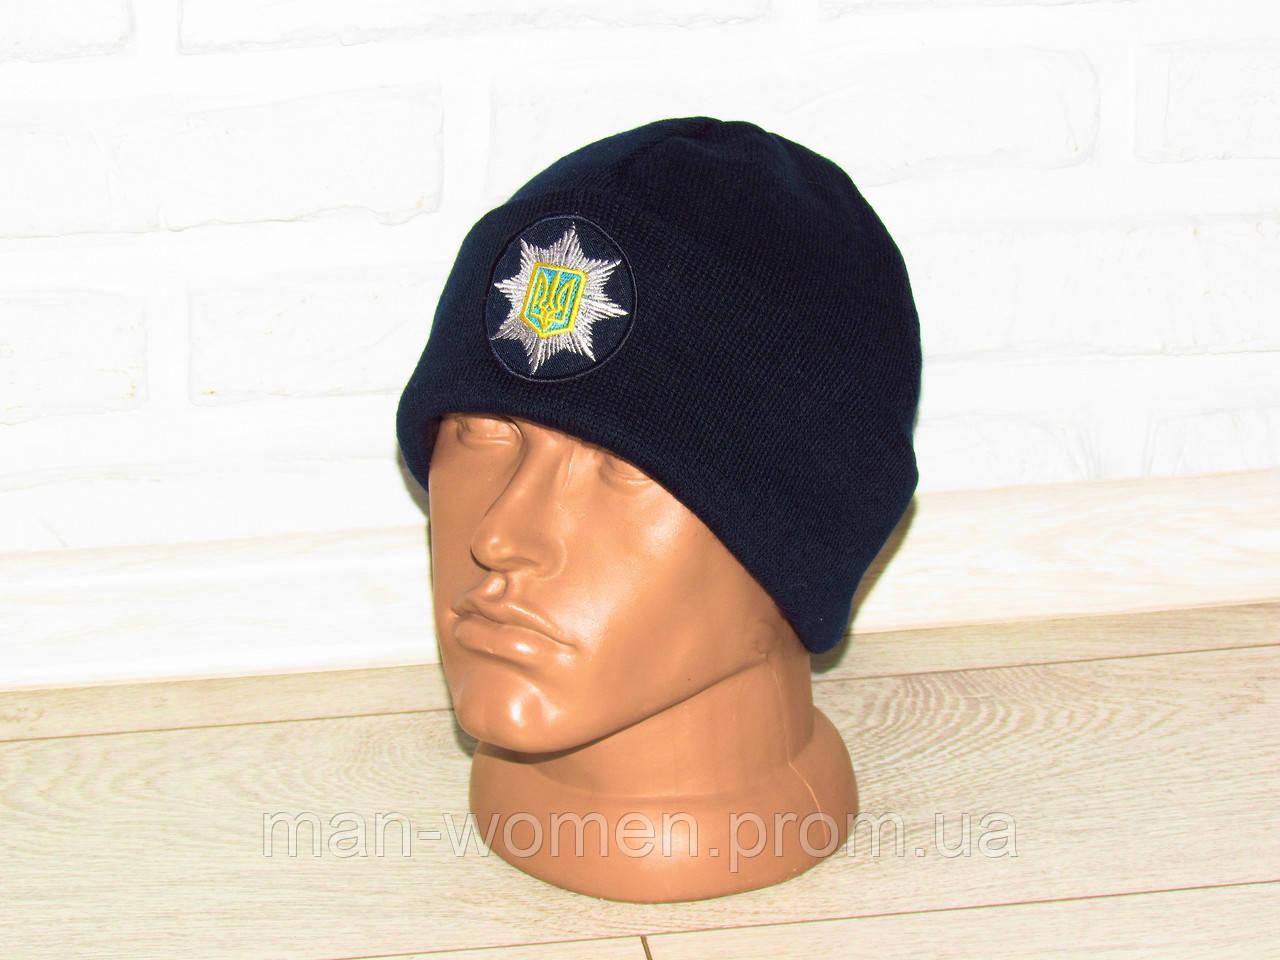 Шапка синего цвета, для нацполиции Украины. Форменная шапка для национальной полиции